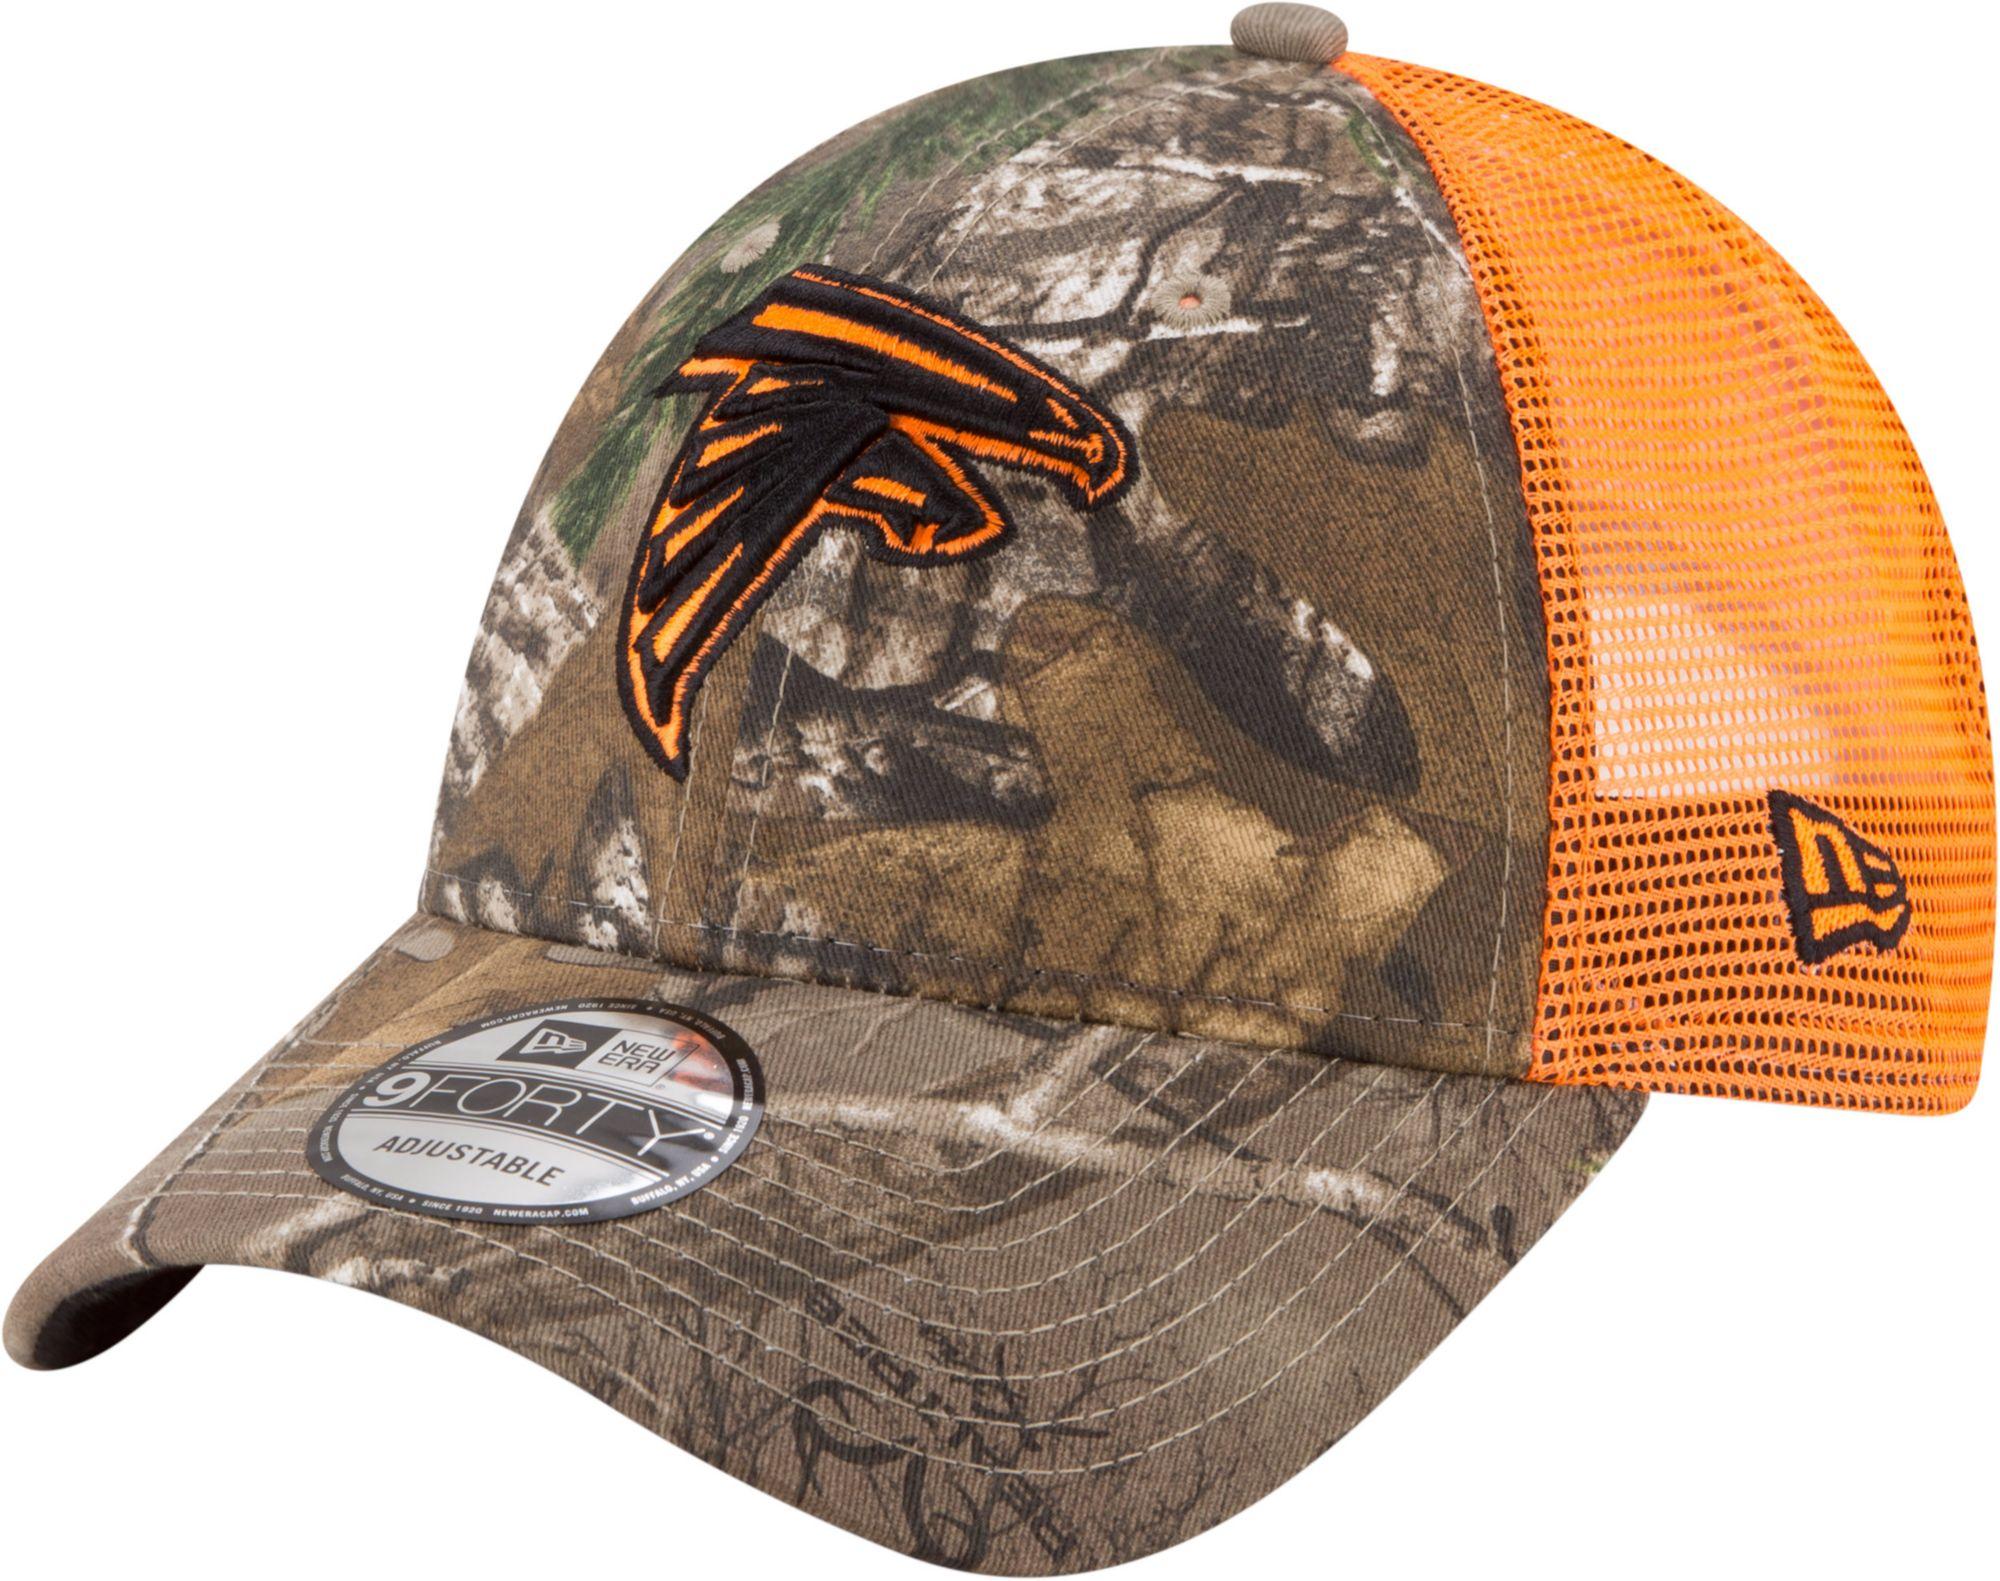 65d7ad84 official atlanta falcons camo hat 0da9d 2d445